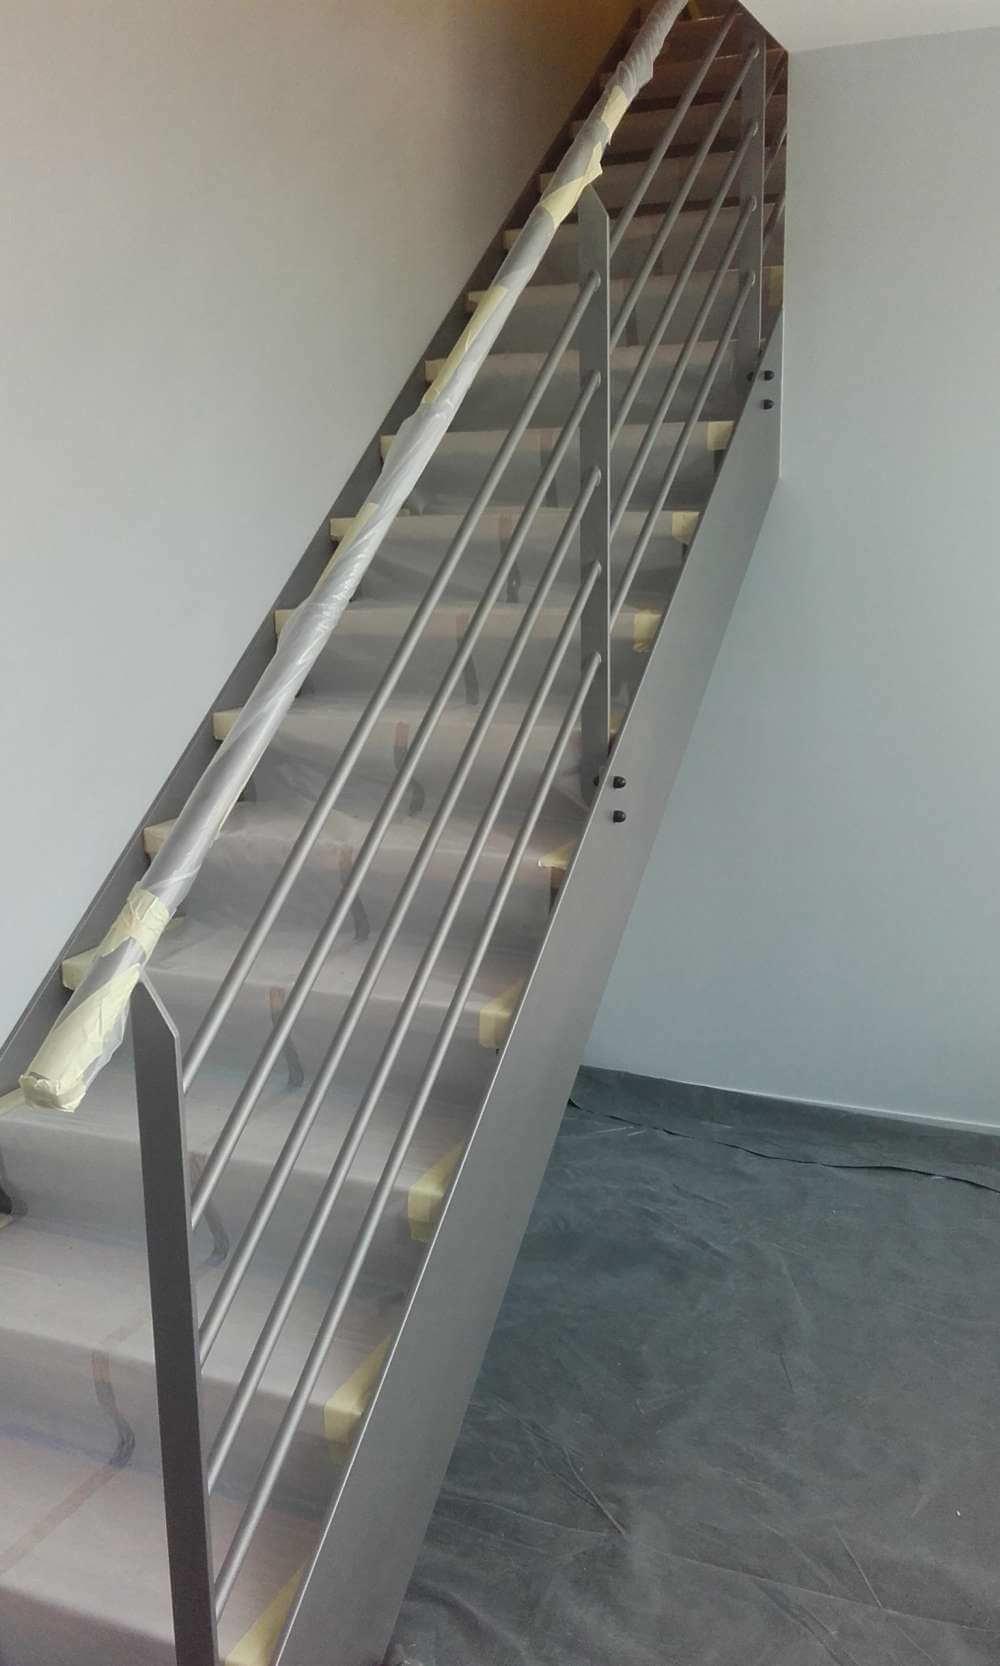 Escalier métallique repeint à neuf